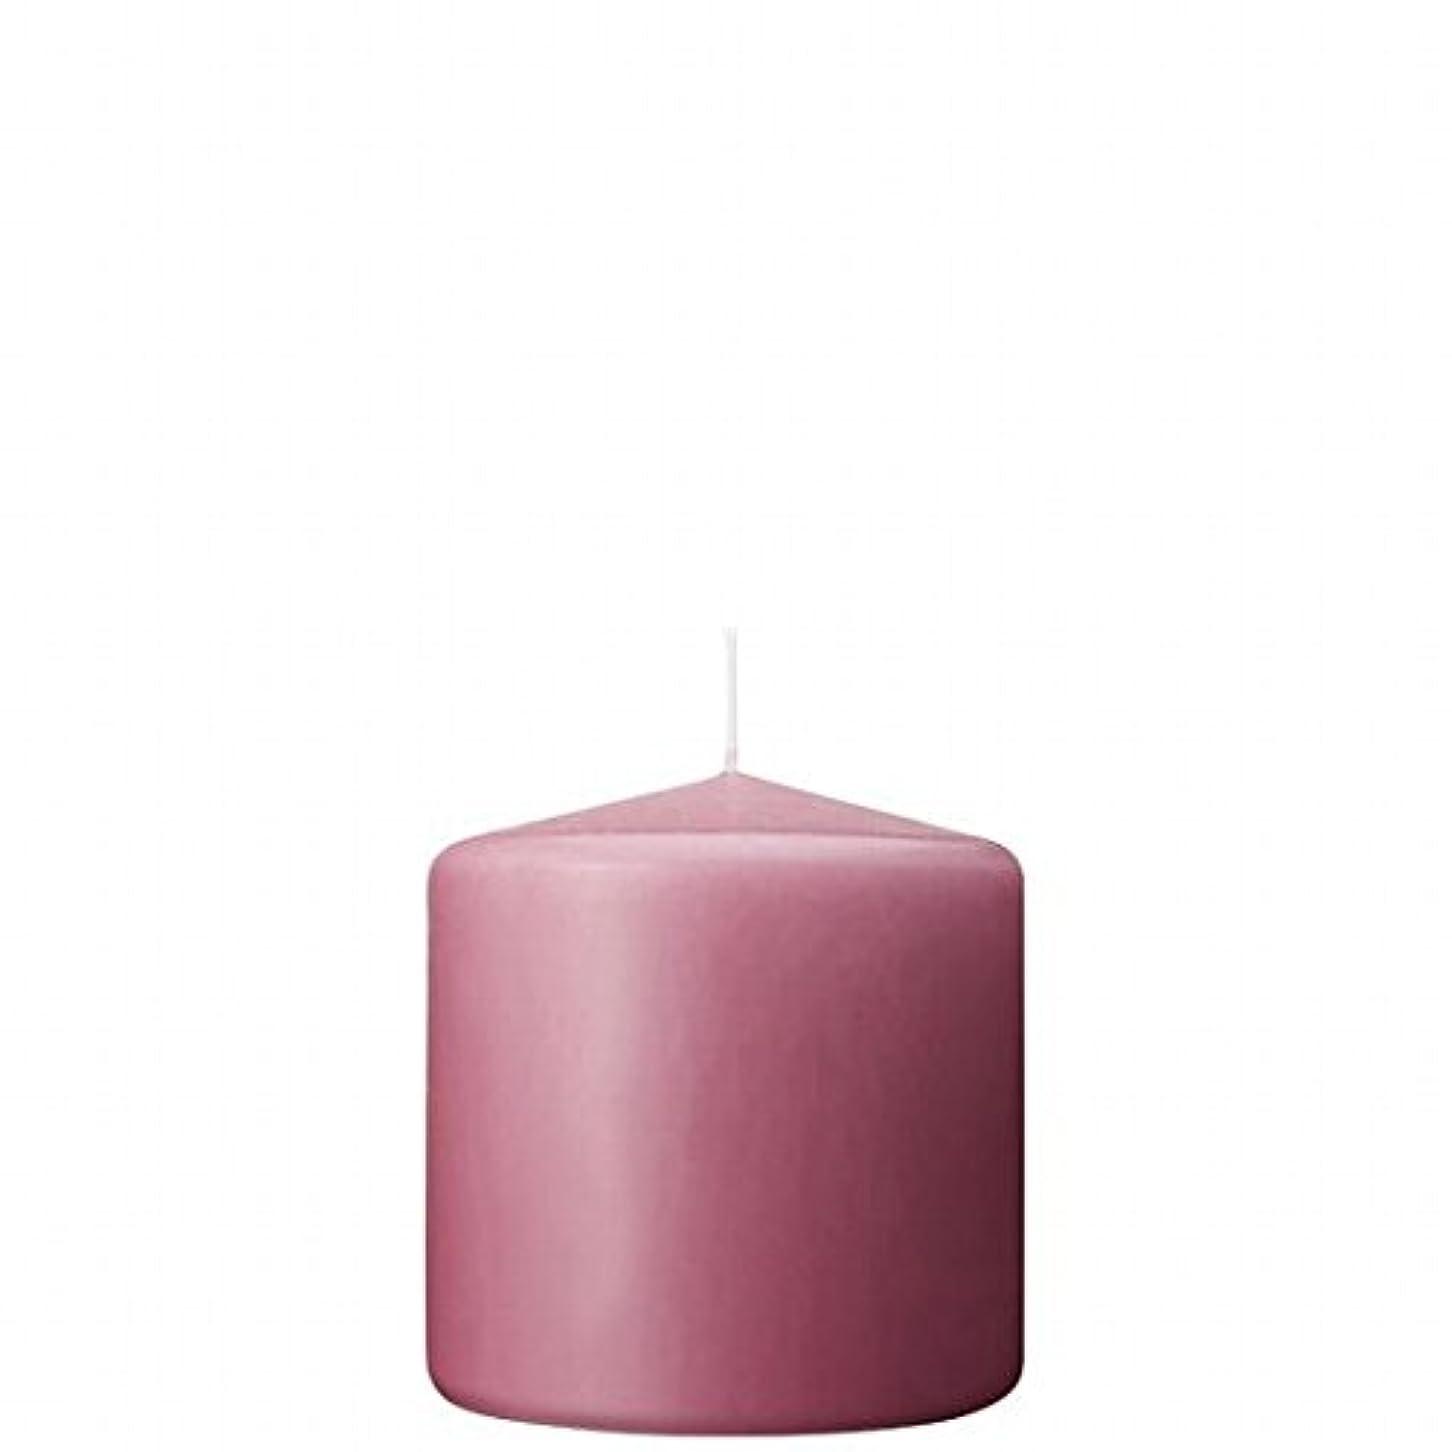 パイルいいね謙虚カメヤマキャンドル(kameyama candle) 3×3ベルトップピラーキャンドル 「 ラベンダークリーム 」